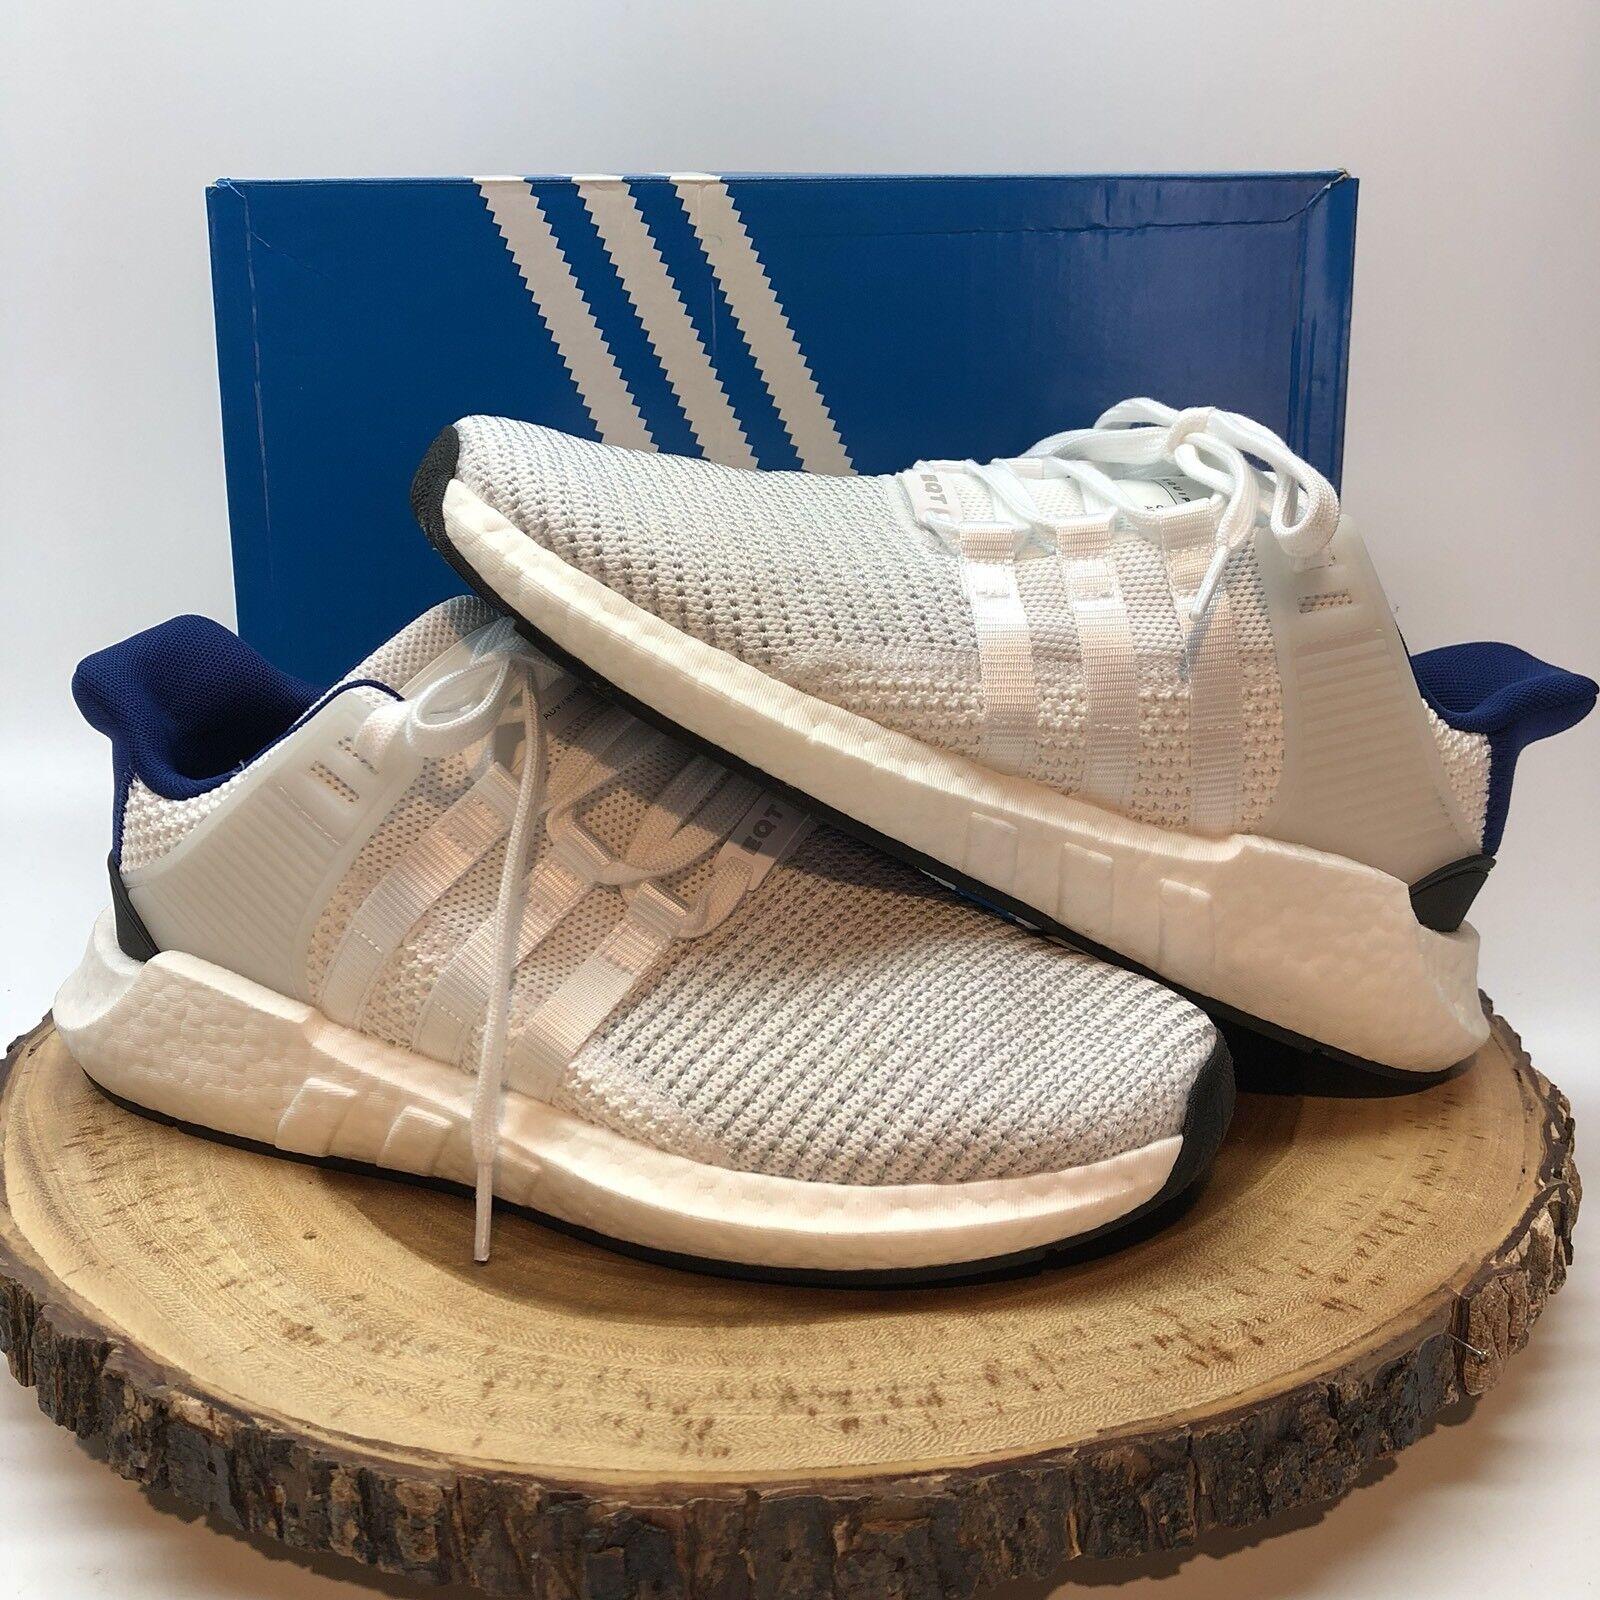 Adidas originali eqt 93 sostegno 93 eqt / 17 bianco blu e nero taglia 9,5 bz0592 impulso ultra 7bc295